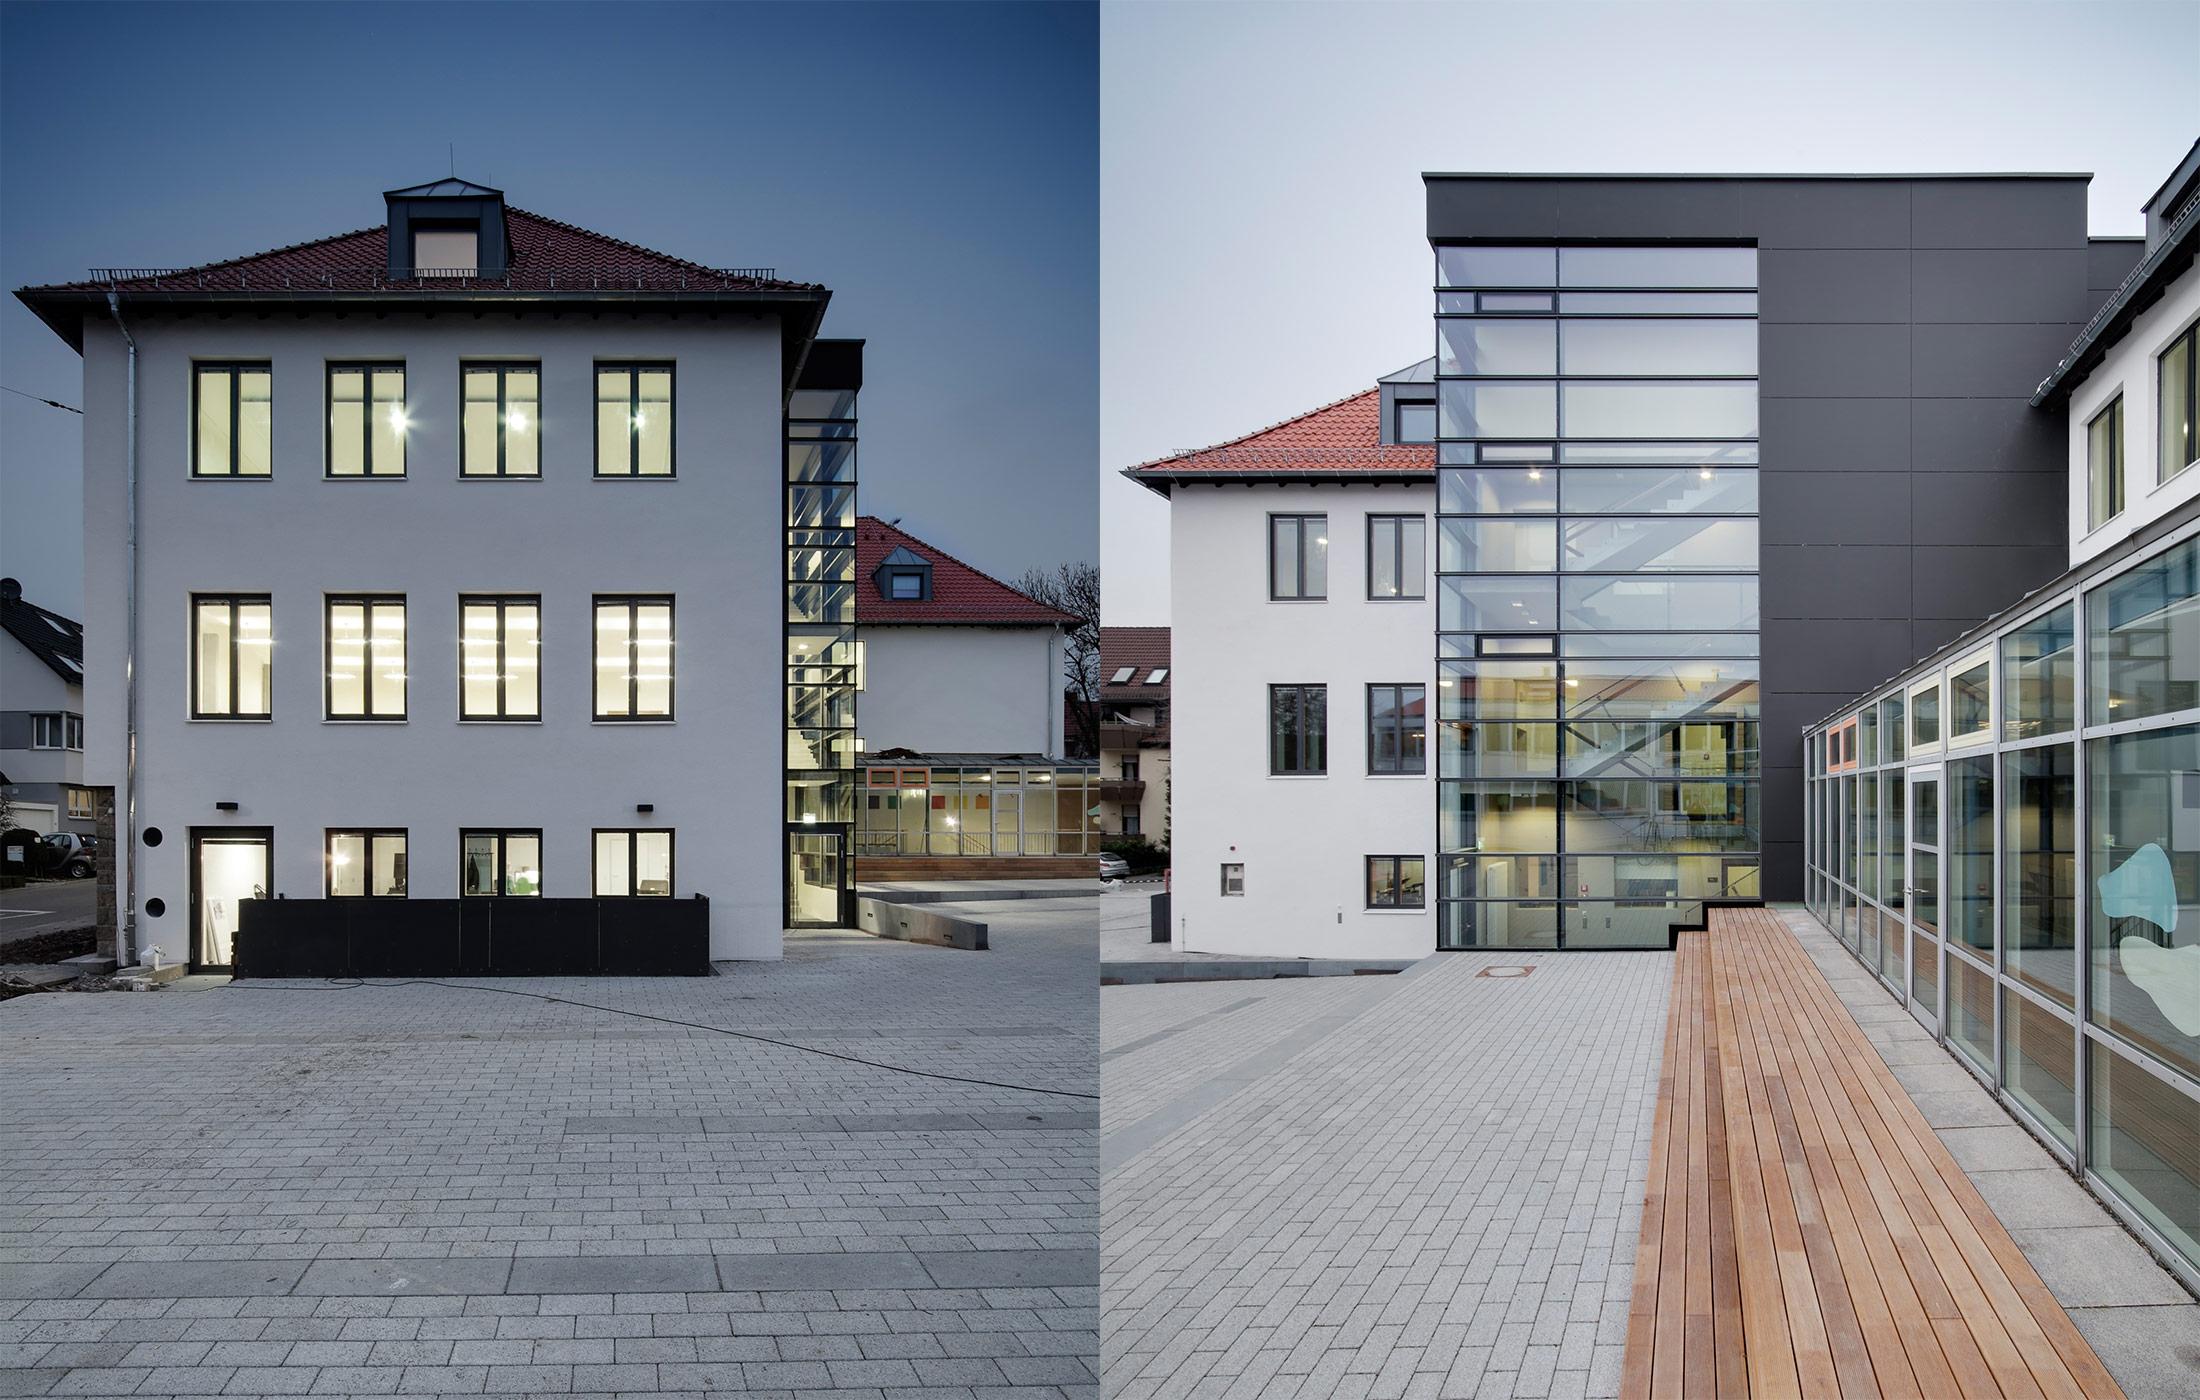 2014, Sanierung und Umbau der Zeppelinschule und Musikschule, Leinfelden-Echterdingen